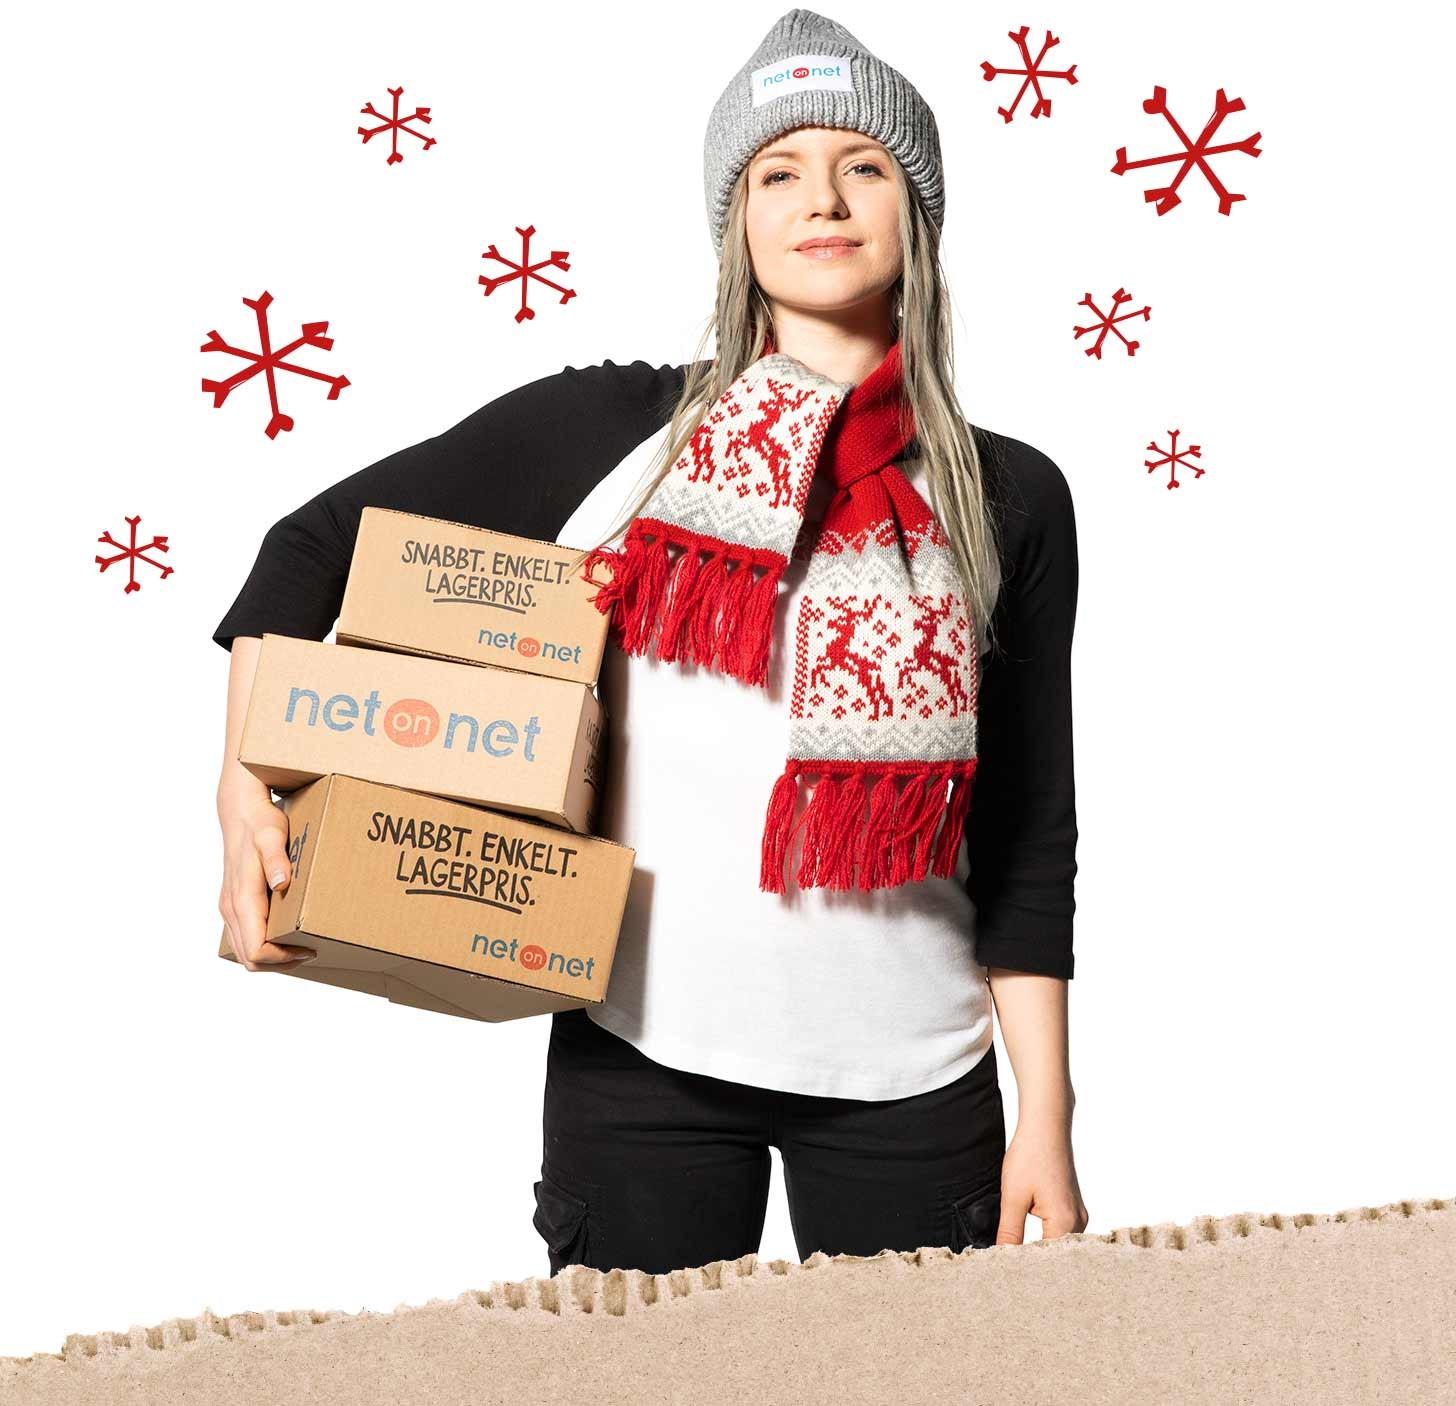 Handla nu - leverans innan jul